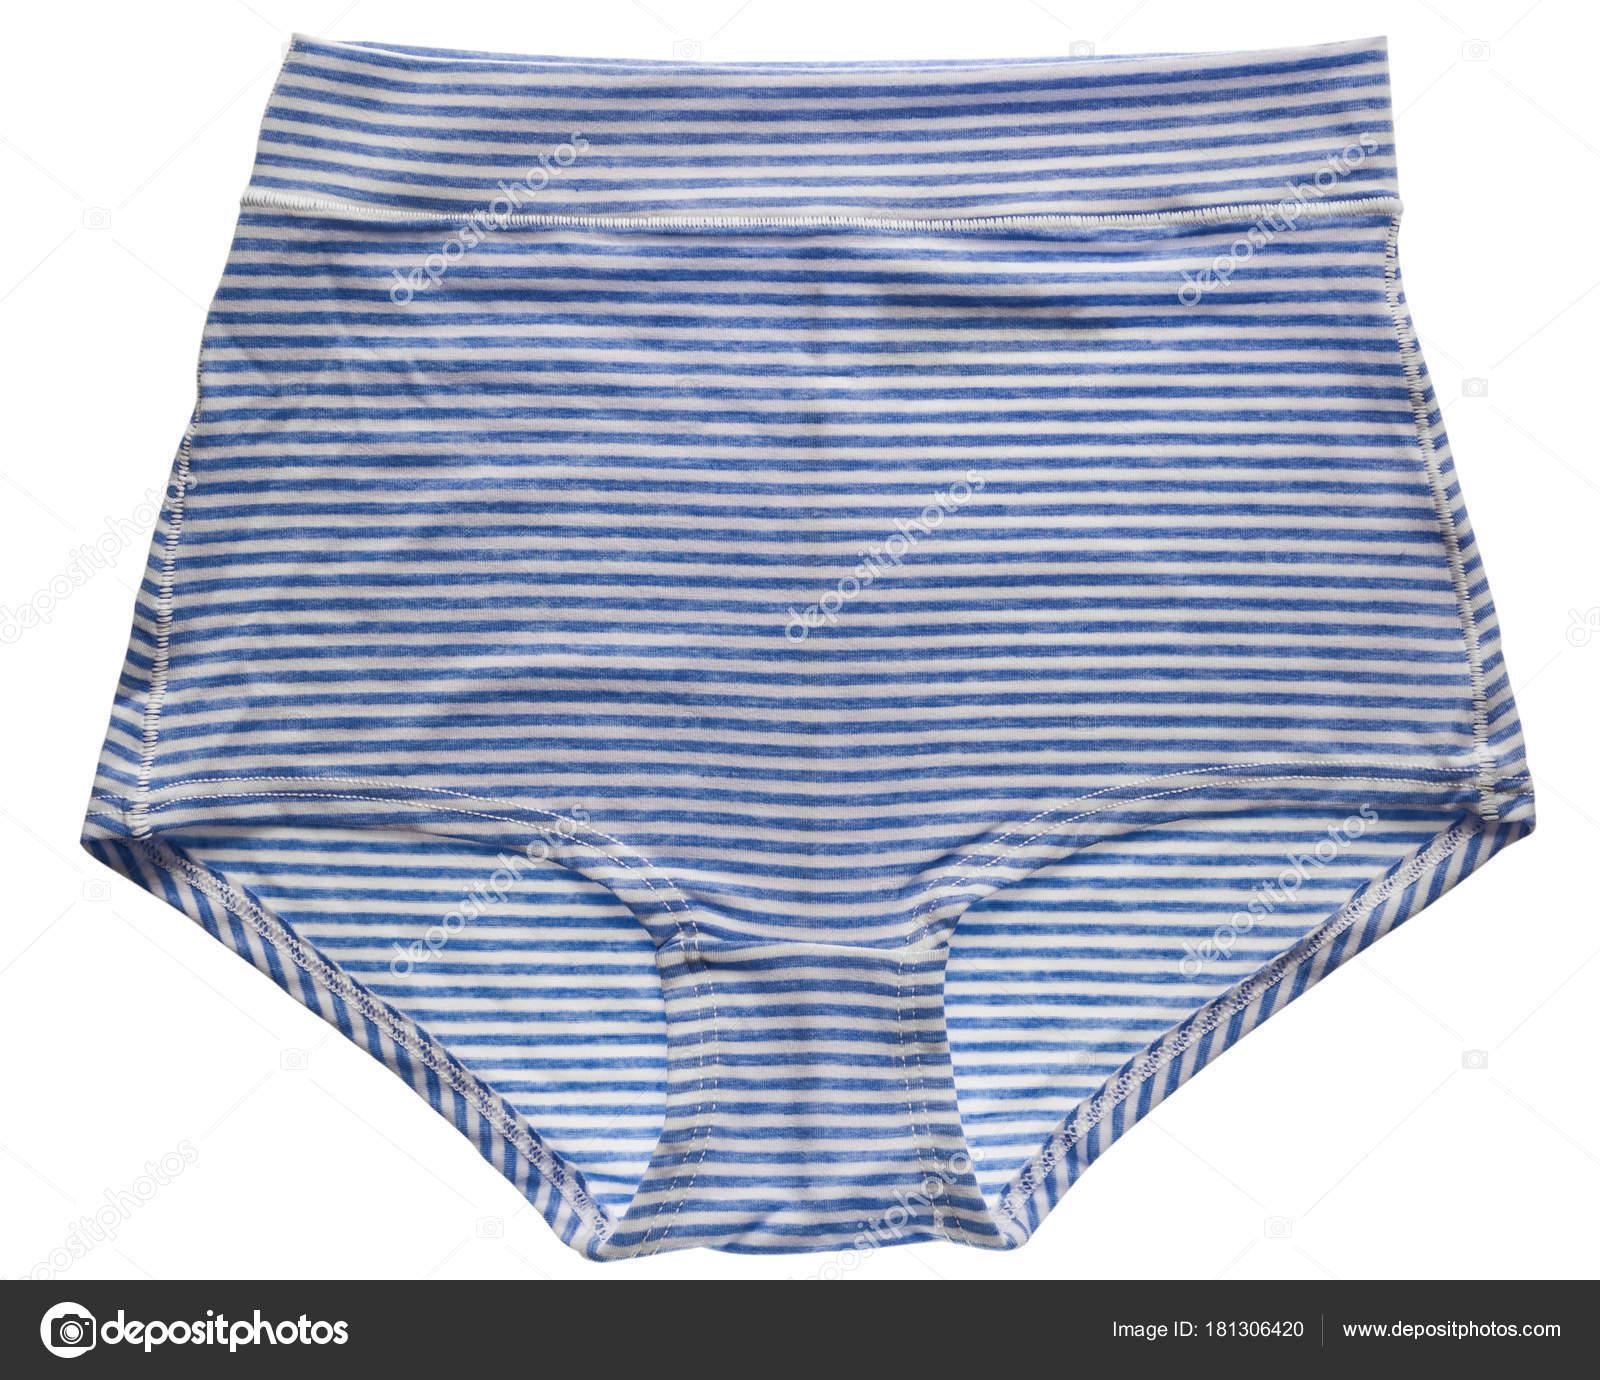 31deebeb85d8c2 Damen Baumwoll-Slip — Stockfoto © taratata #181306420